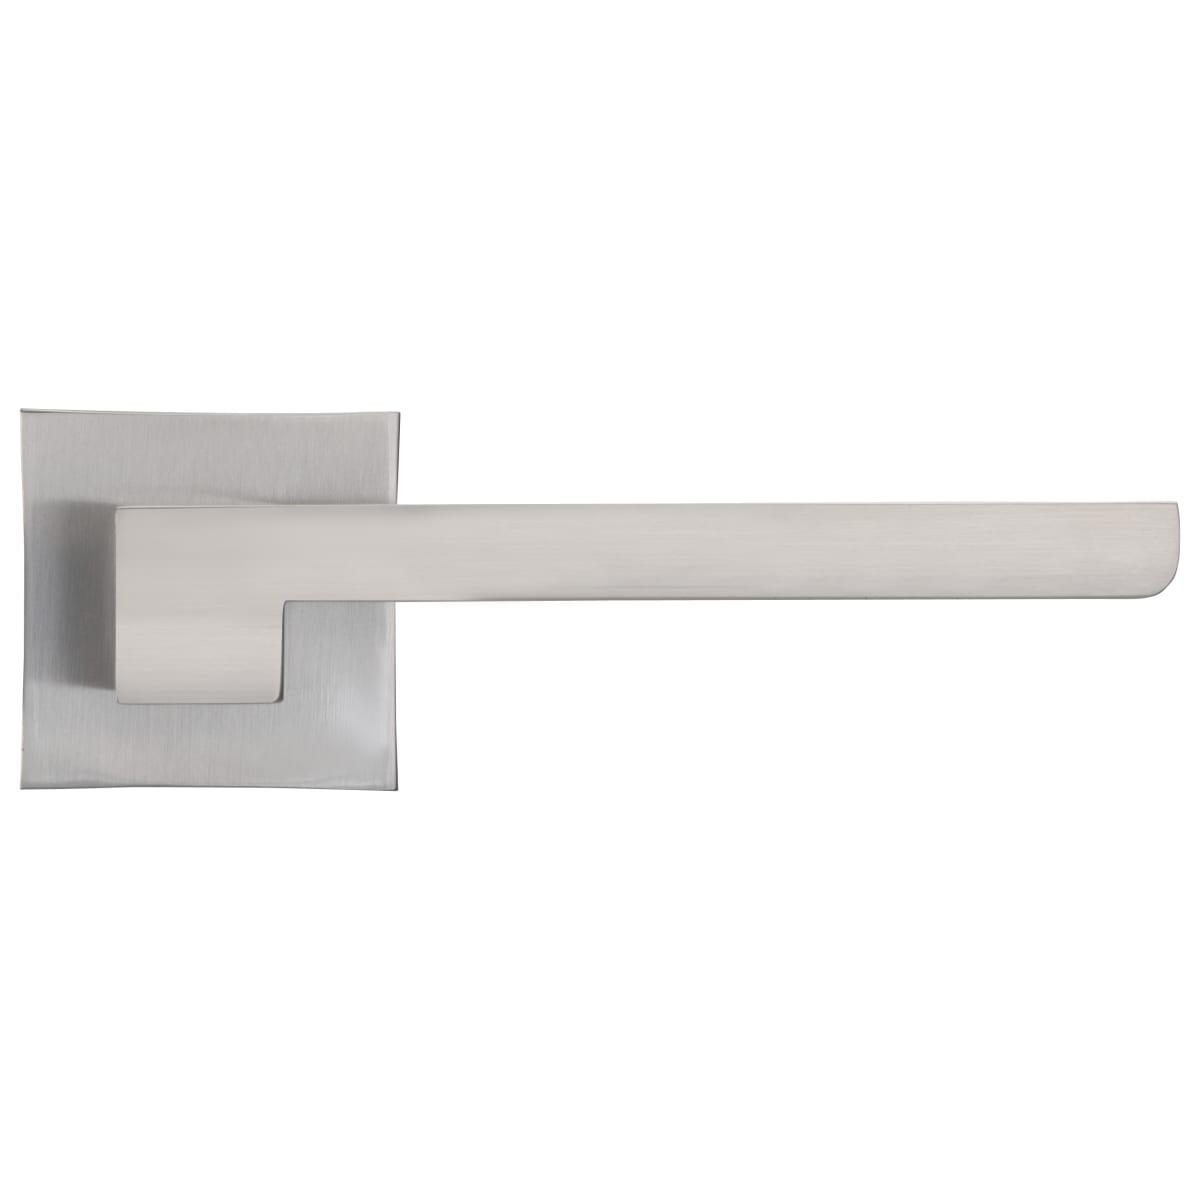 Дверная ручка Manuela, без запирания, комплект, цвет никель